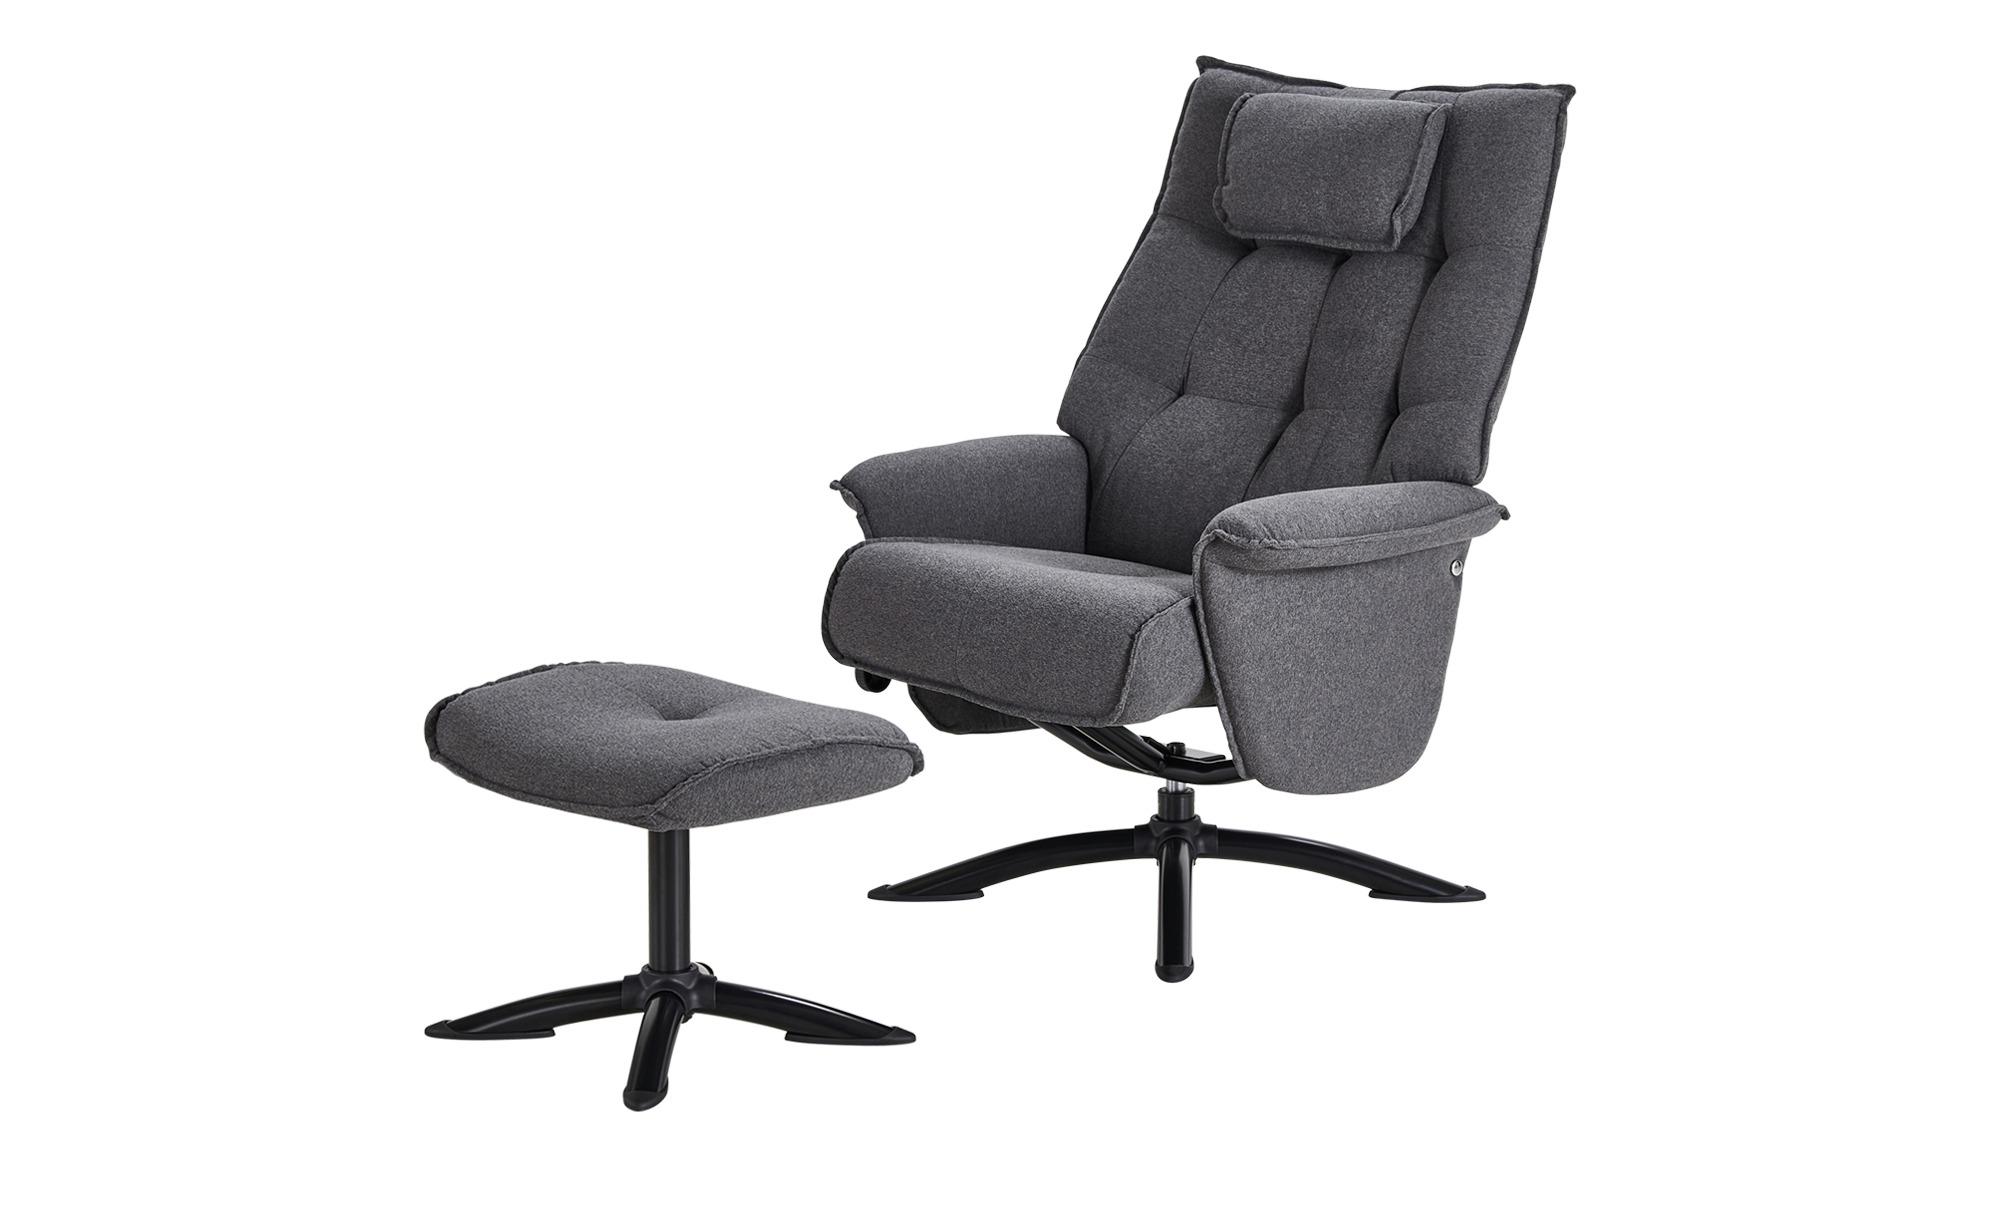 Relaxsessel grau - Stoff Betsy ¦ grau Polstermöbel > Sessel > Fernsehsessel - Höffner